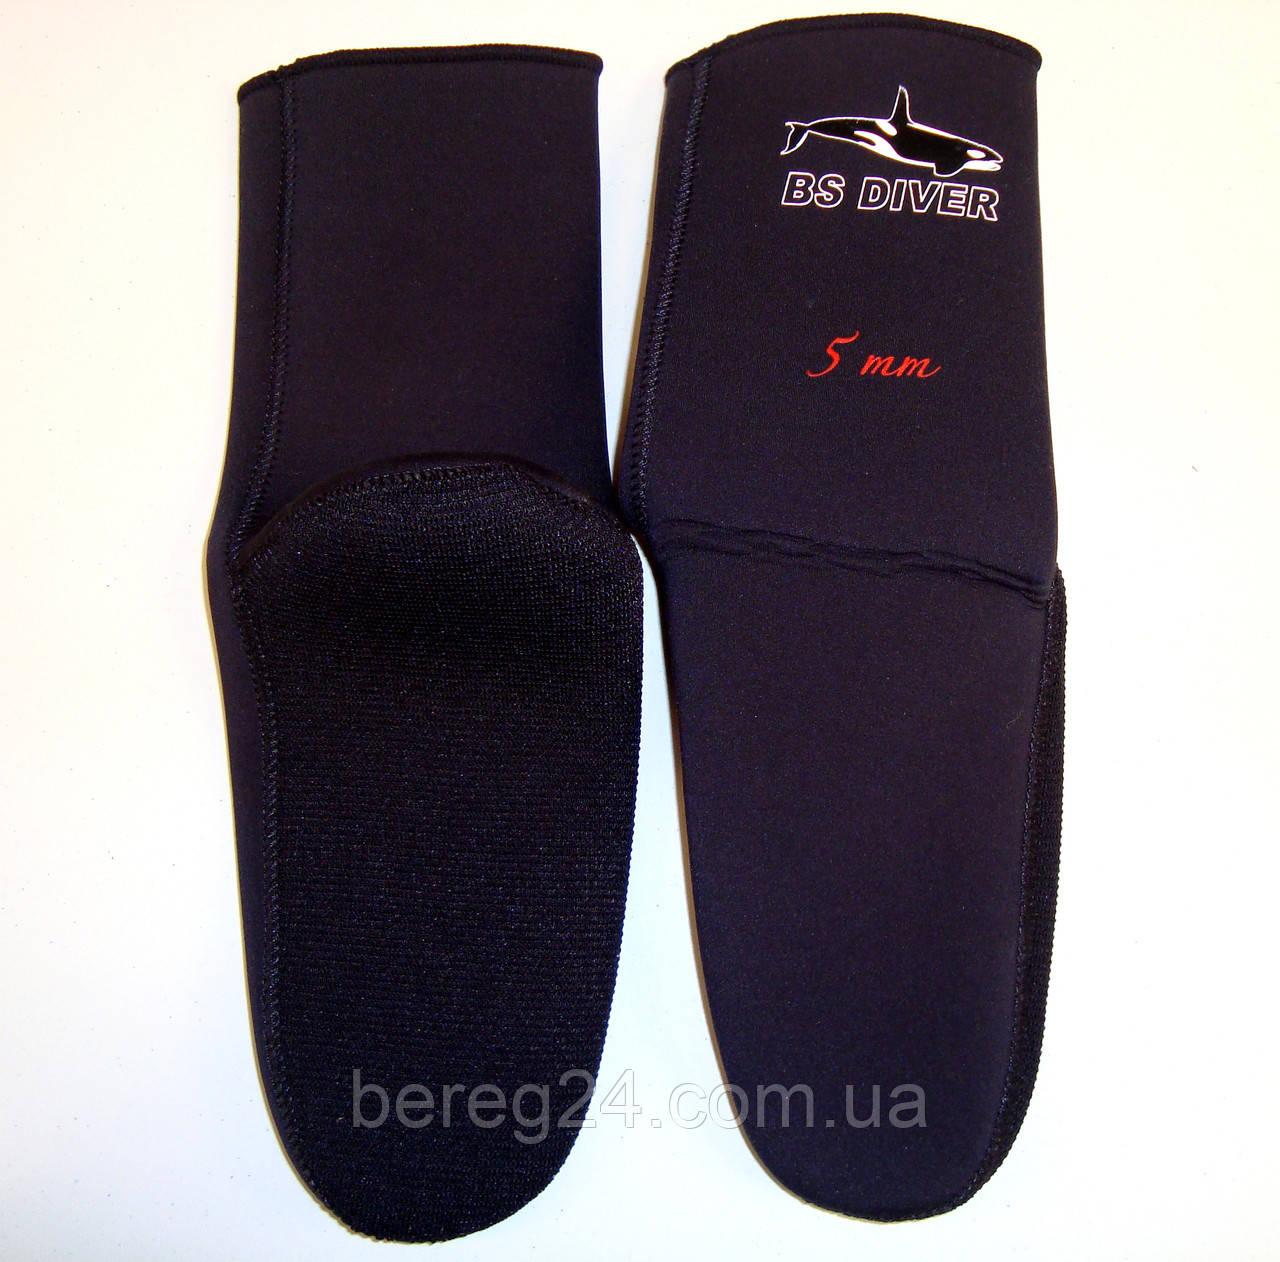 Носки для дайвинга и подводной охоты под боты неопреновые BS Diver Ultrablack 7 мм, размер L, открытая пора